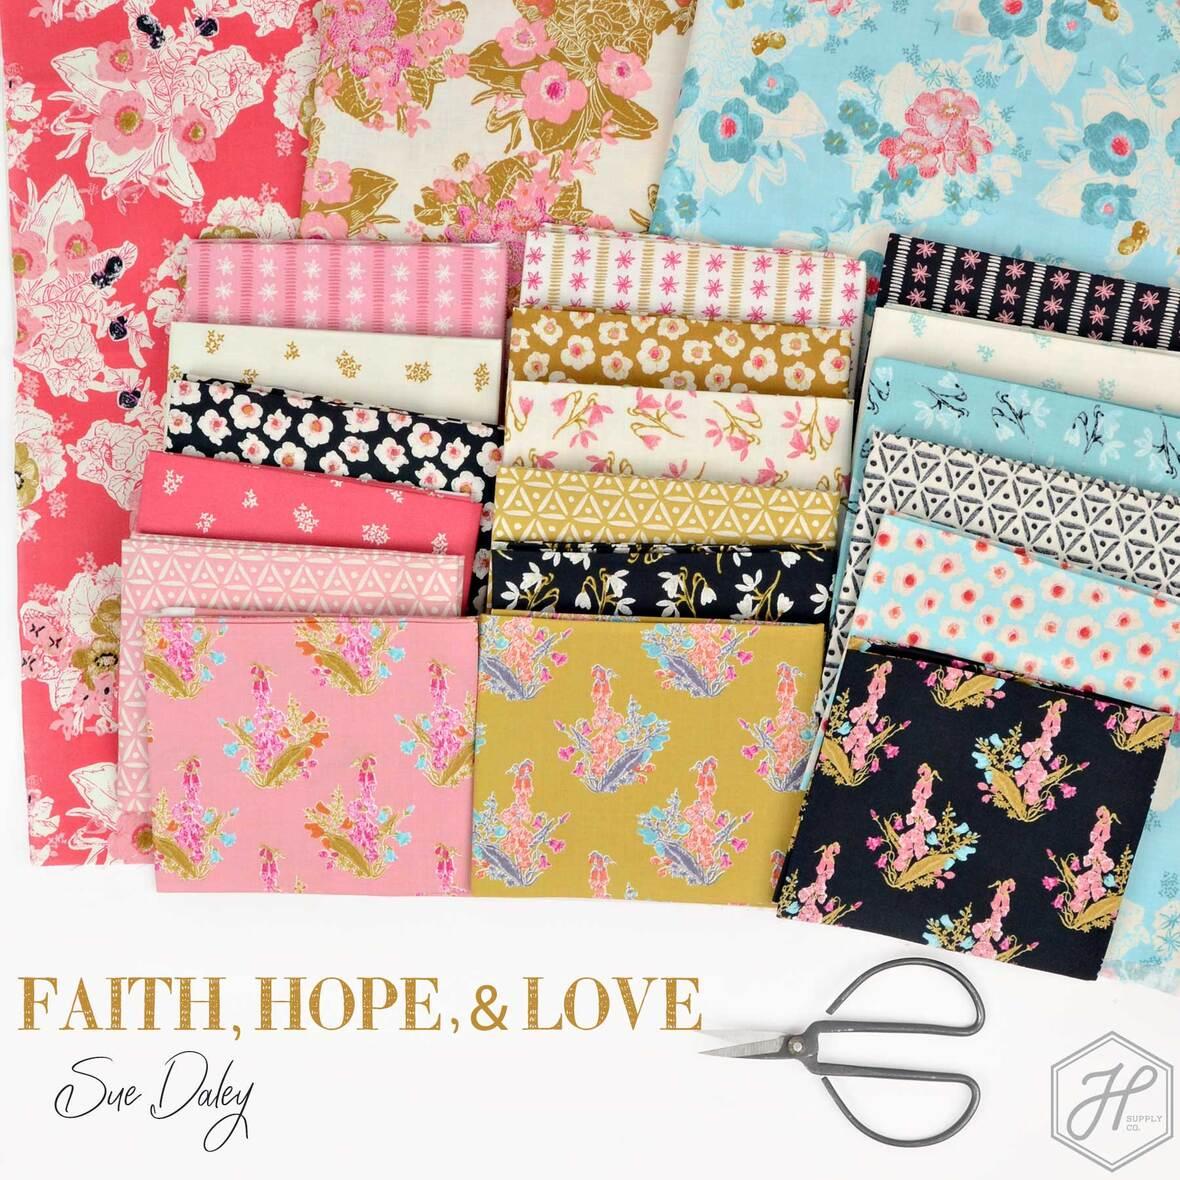 Faith-Hope-and-Love-Rile-Blake-Fabric